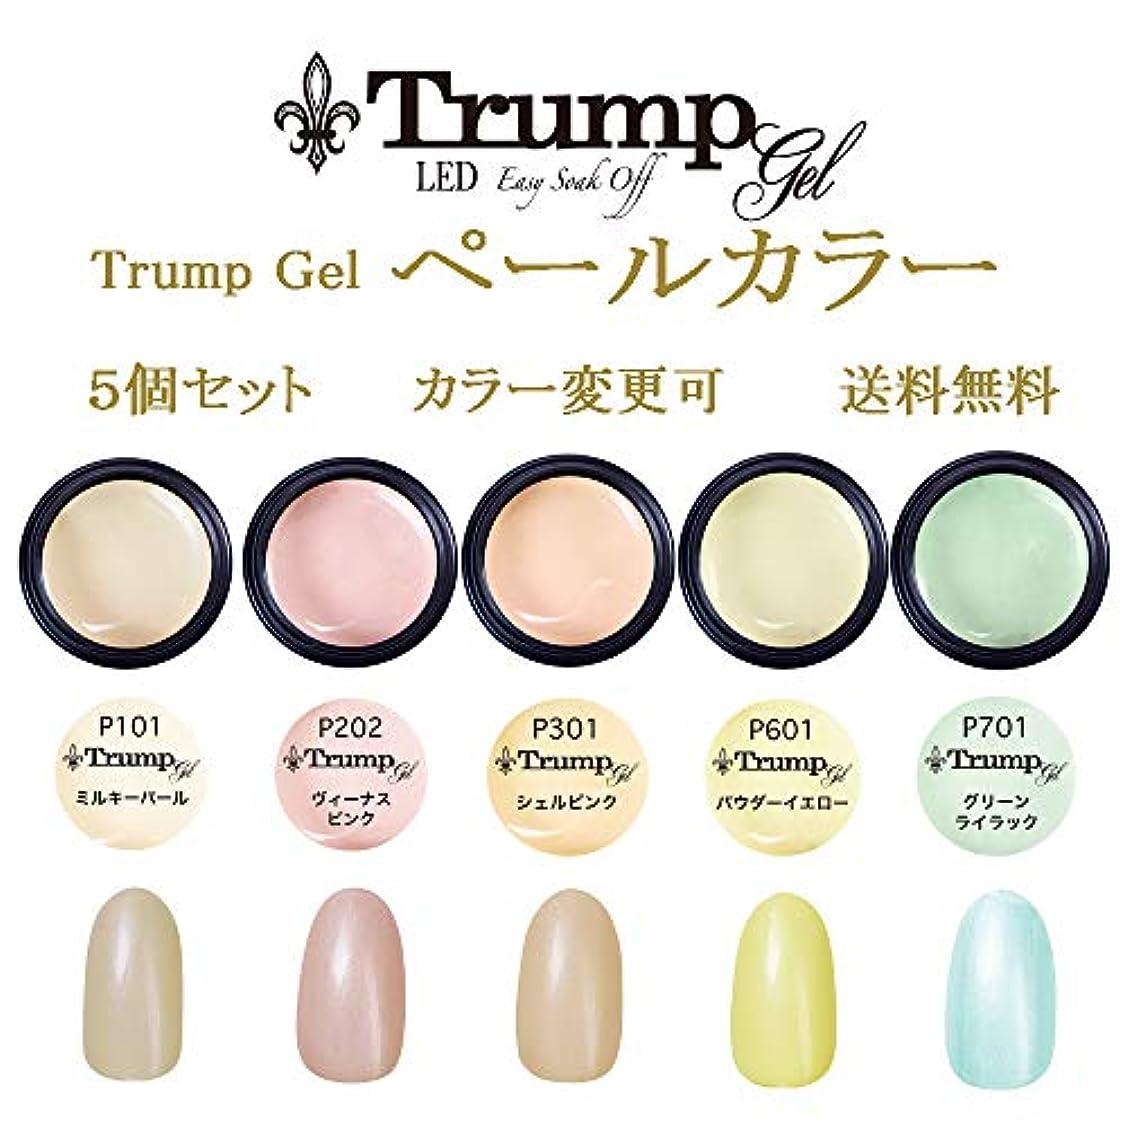 アジテーション靄クライマックス日本製 Trump gel トランプジェル ペールカラー 選べる カラージェル 5個セット パール イエロー ベージュ ピンク ブルー